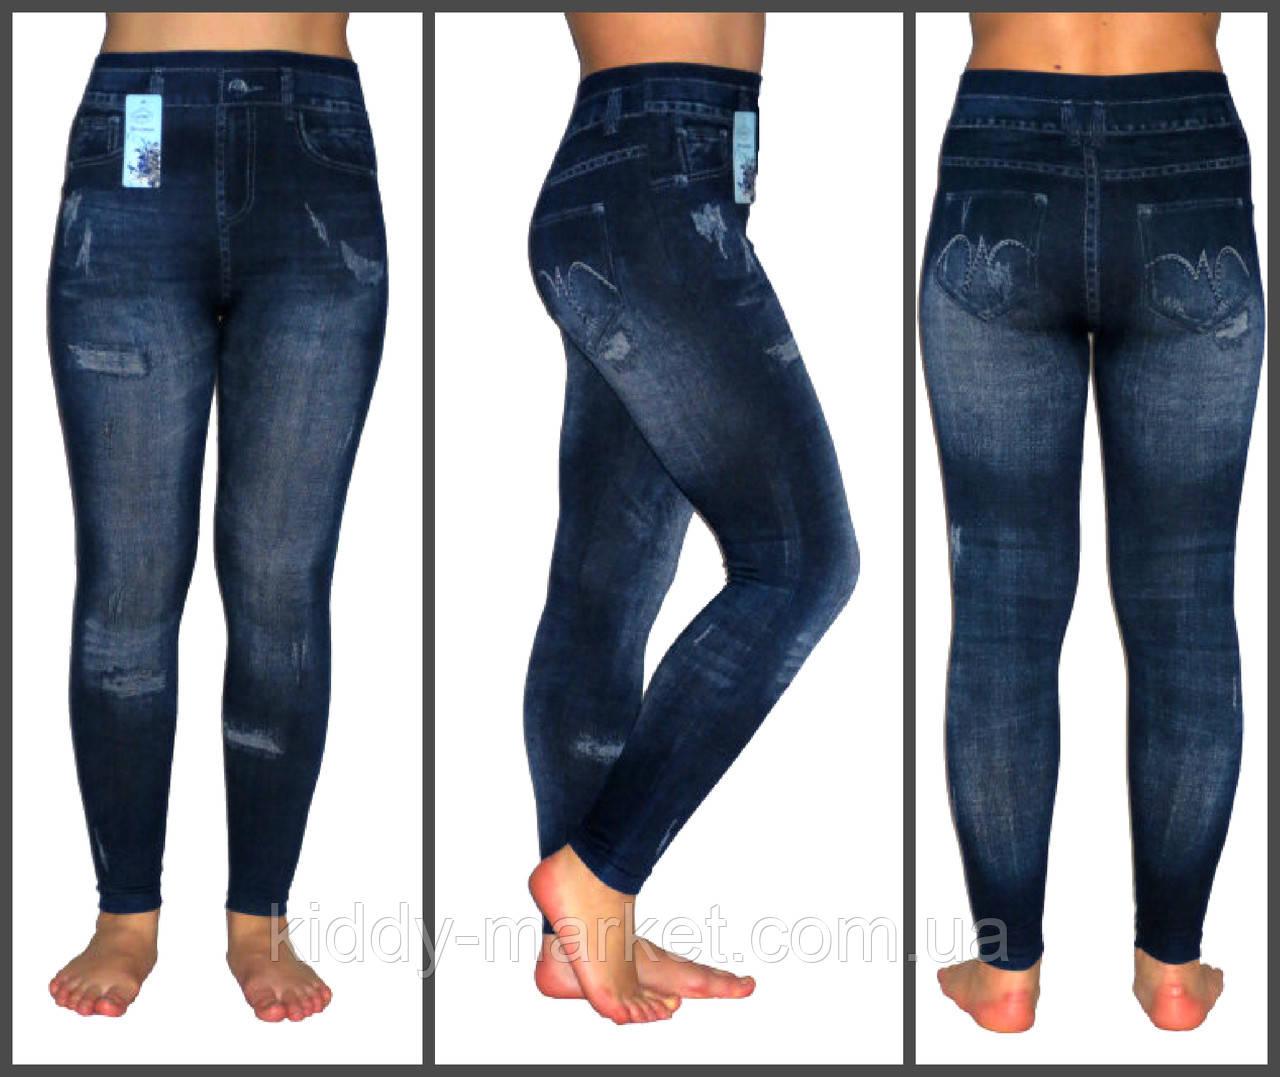 Лосины женские Бесшовные под джинс на махре